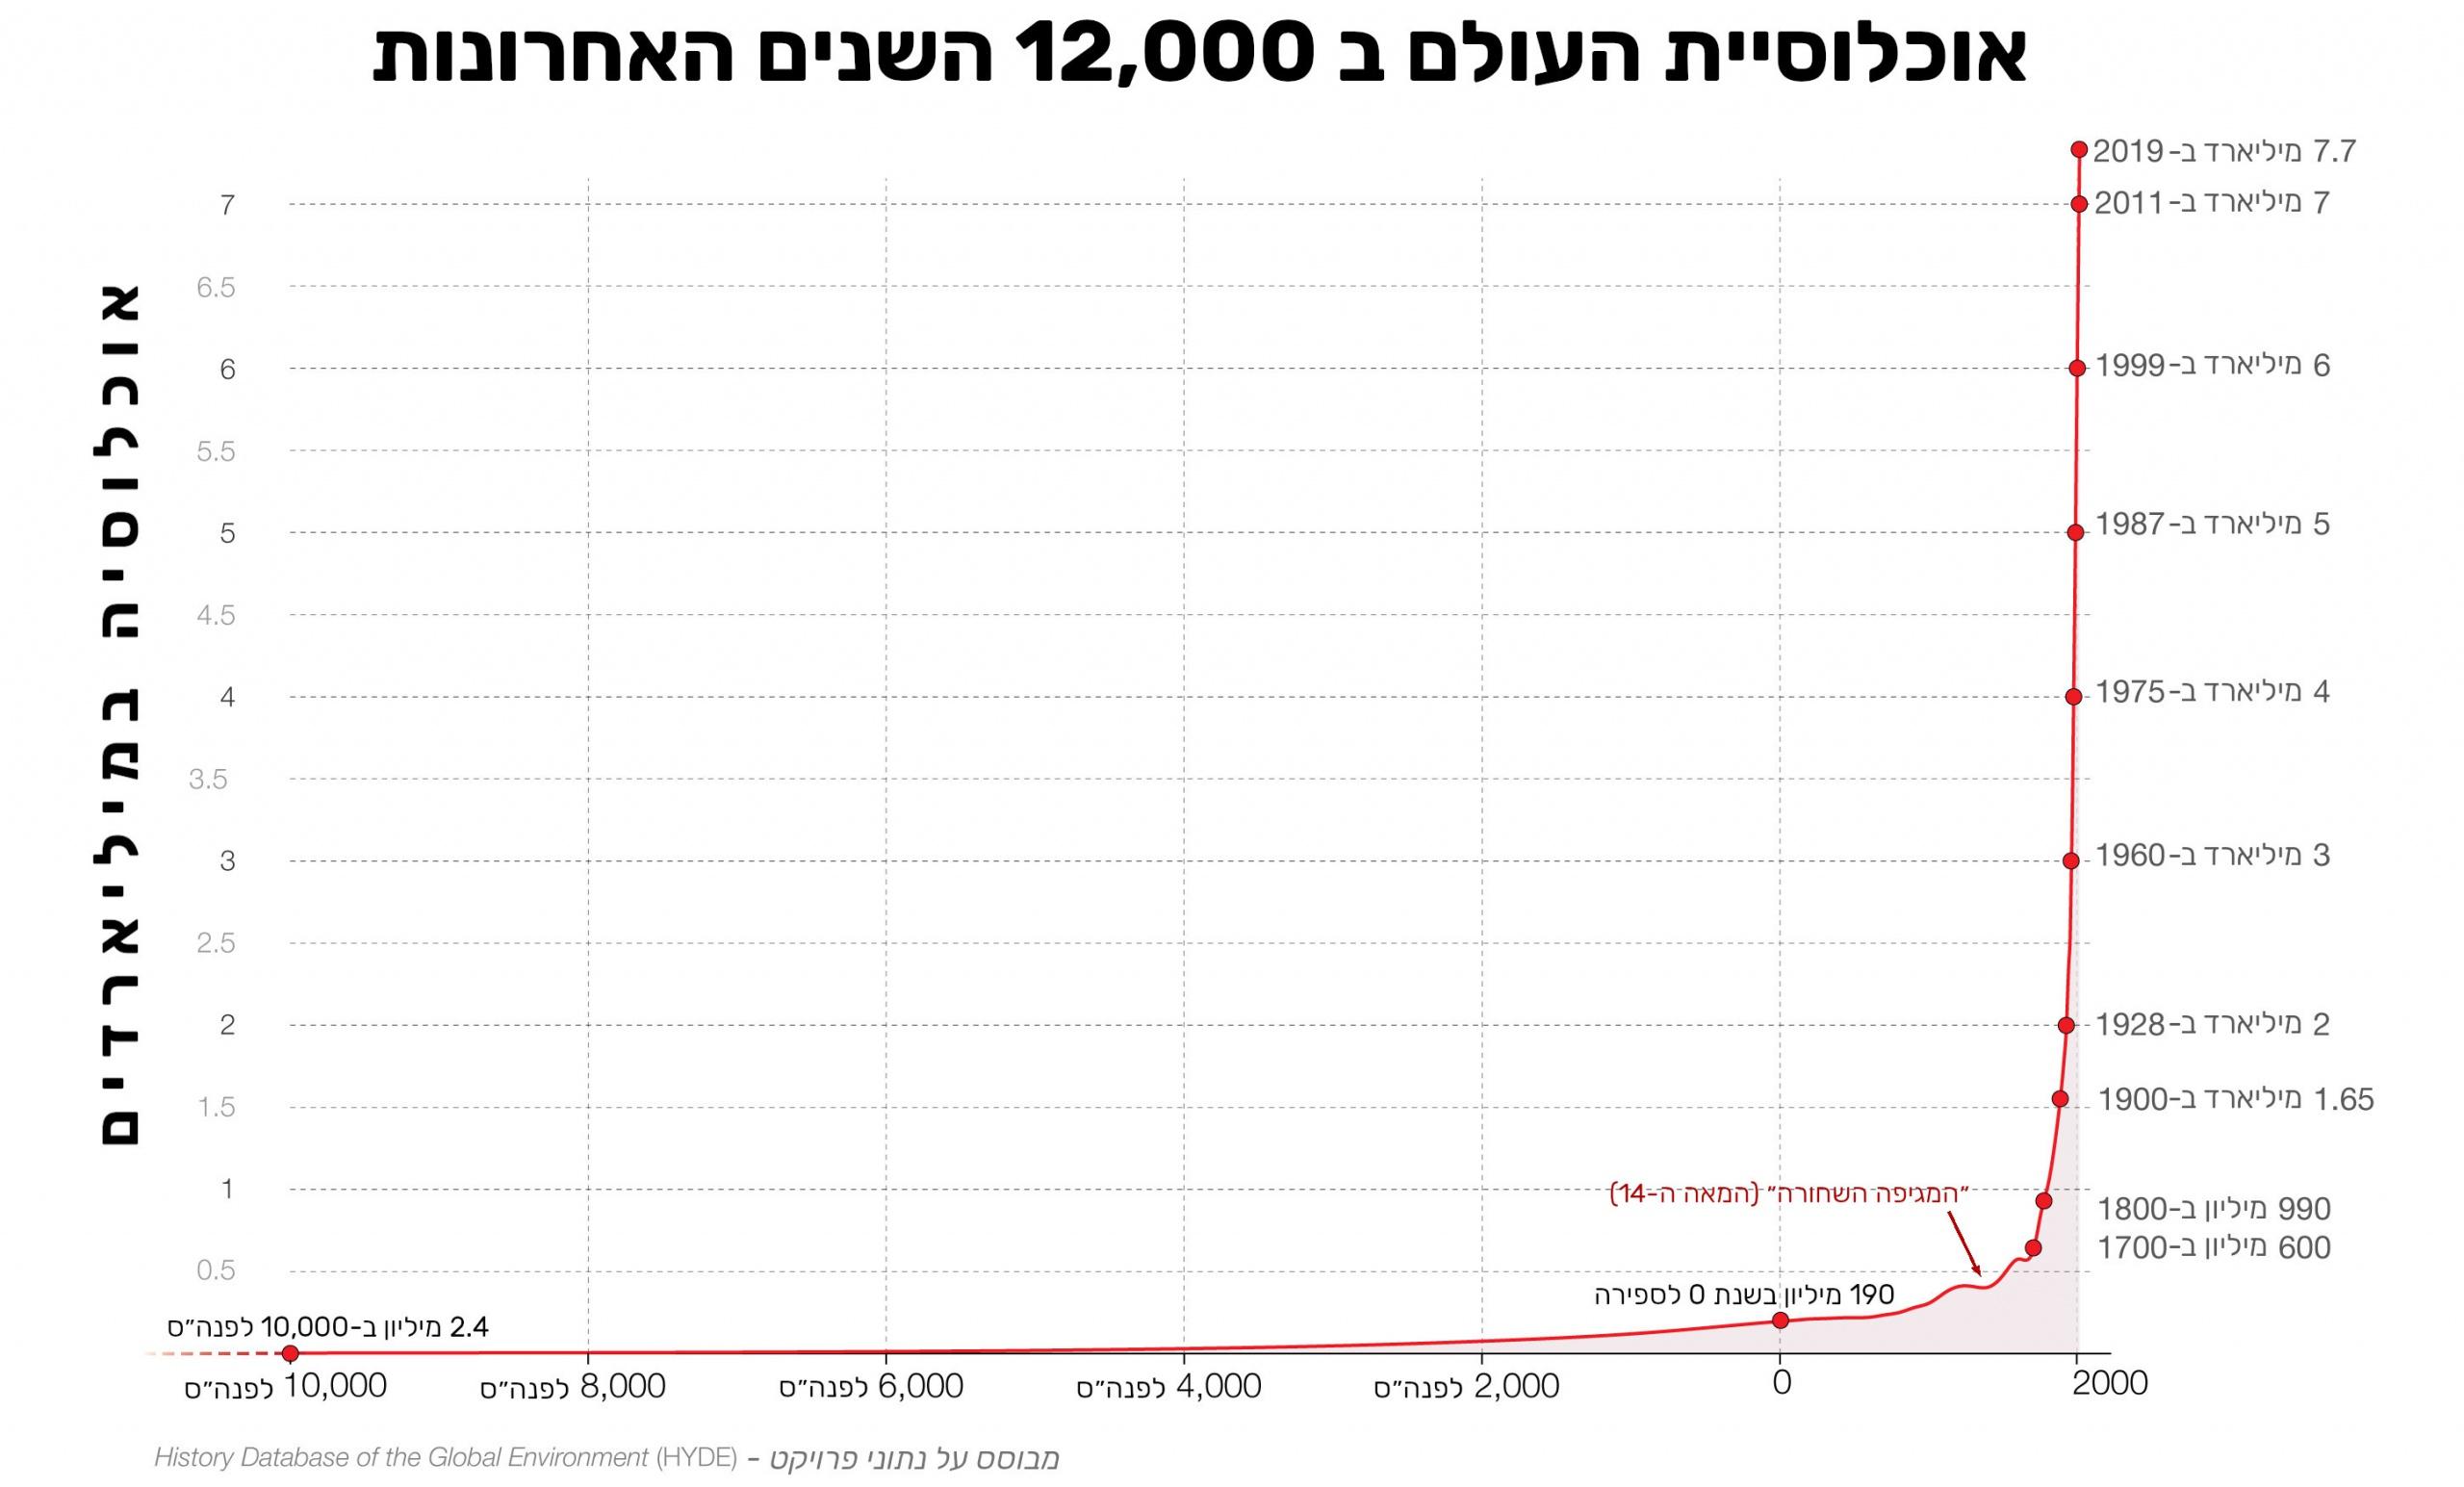 אוכלוסיית העולם ב 12000 השנים האחרונות